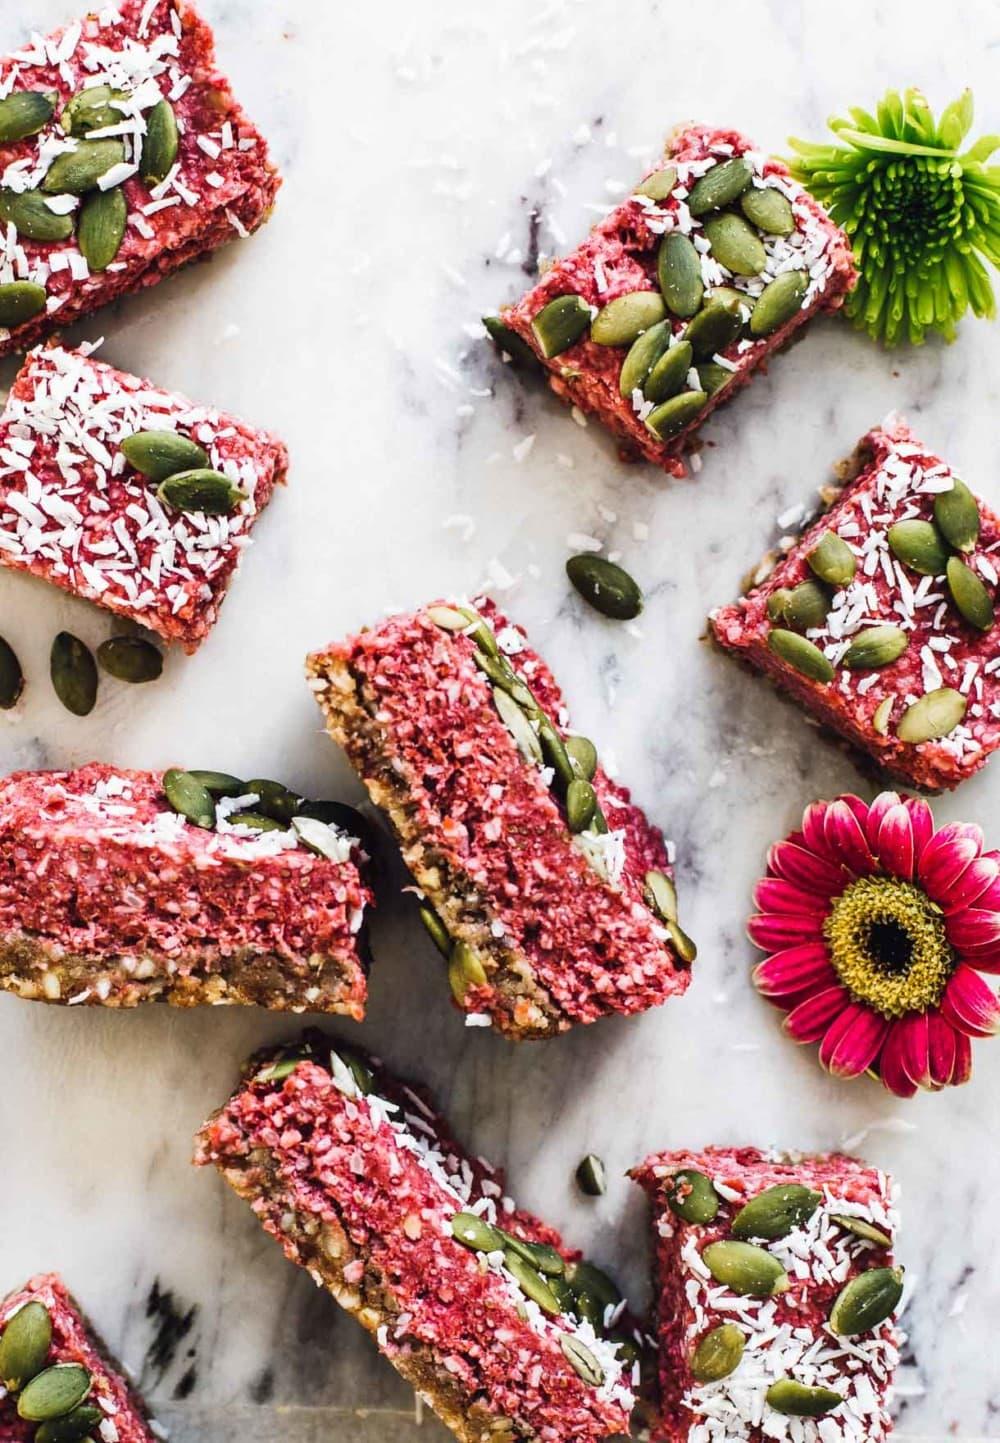 tart cherry bars